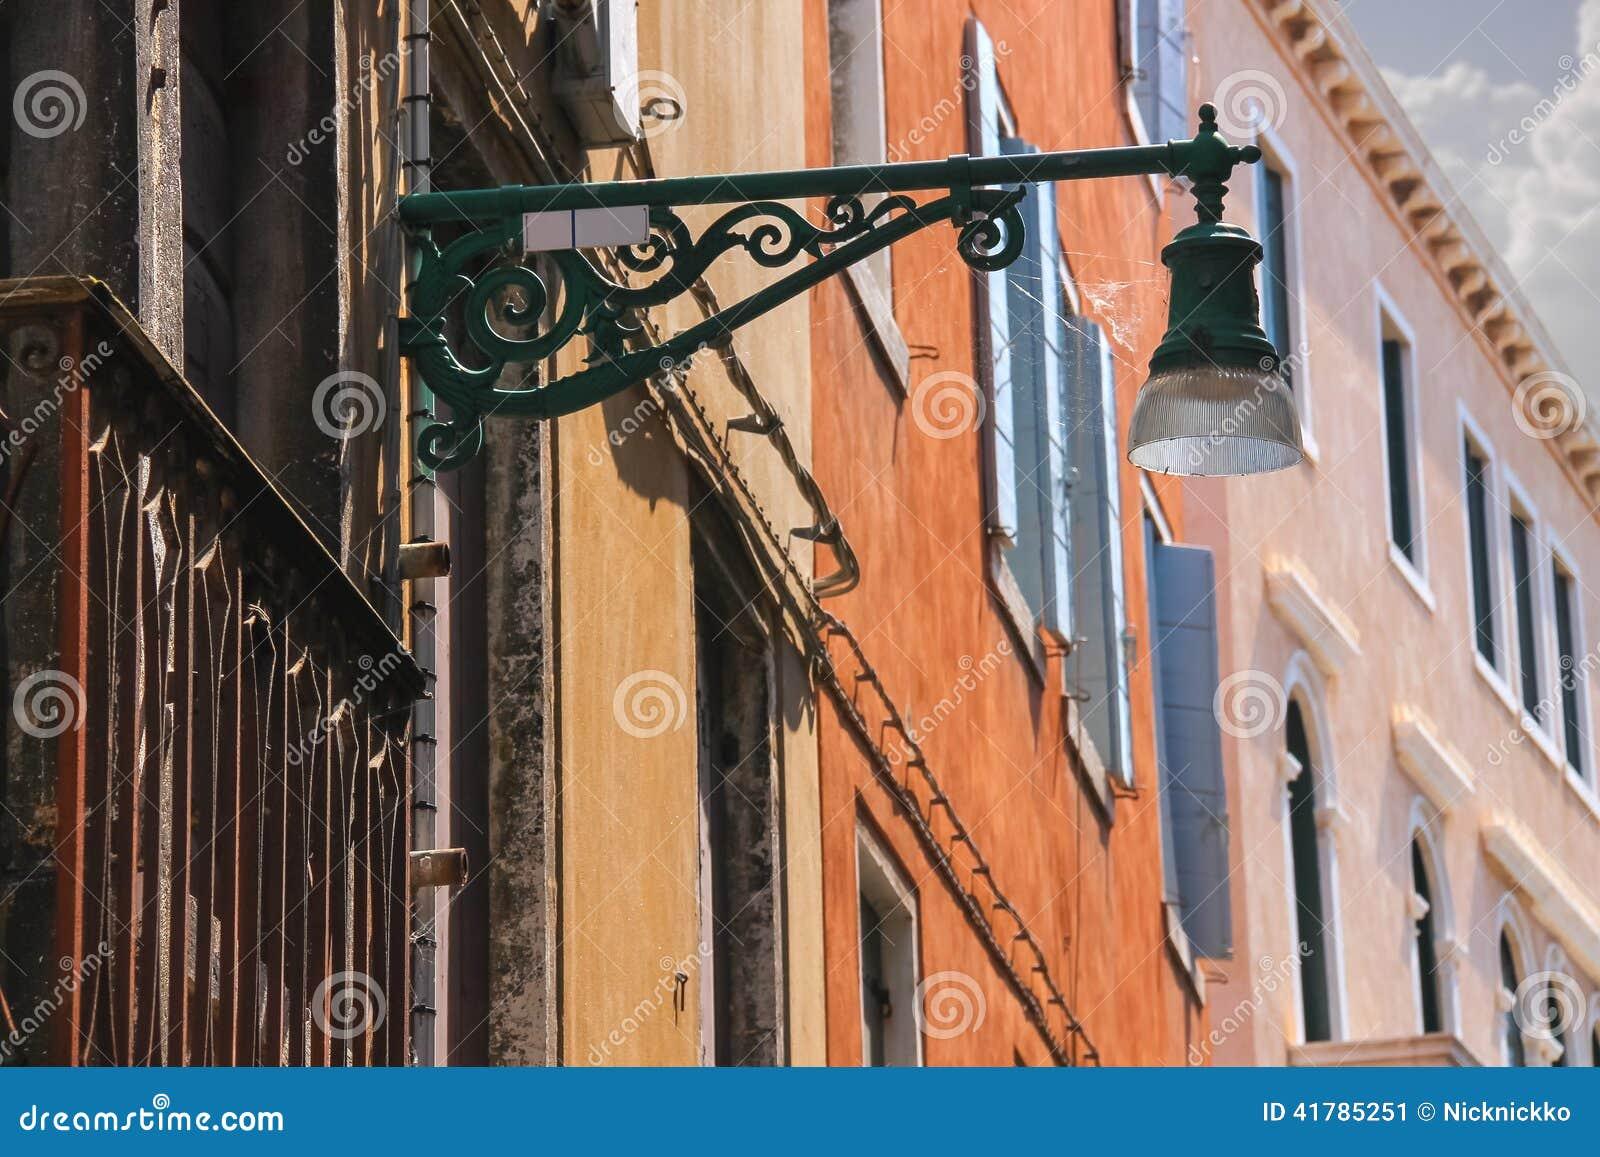 Lanterne sur la fa ade de la vieille maison italienne for Maison italienne architecture